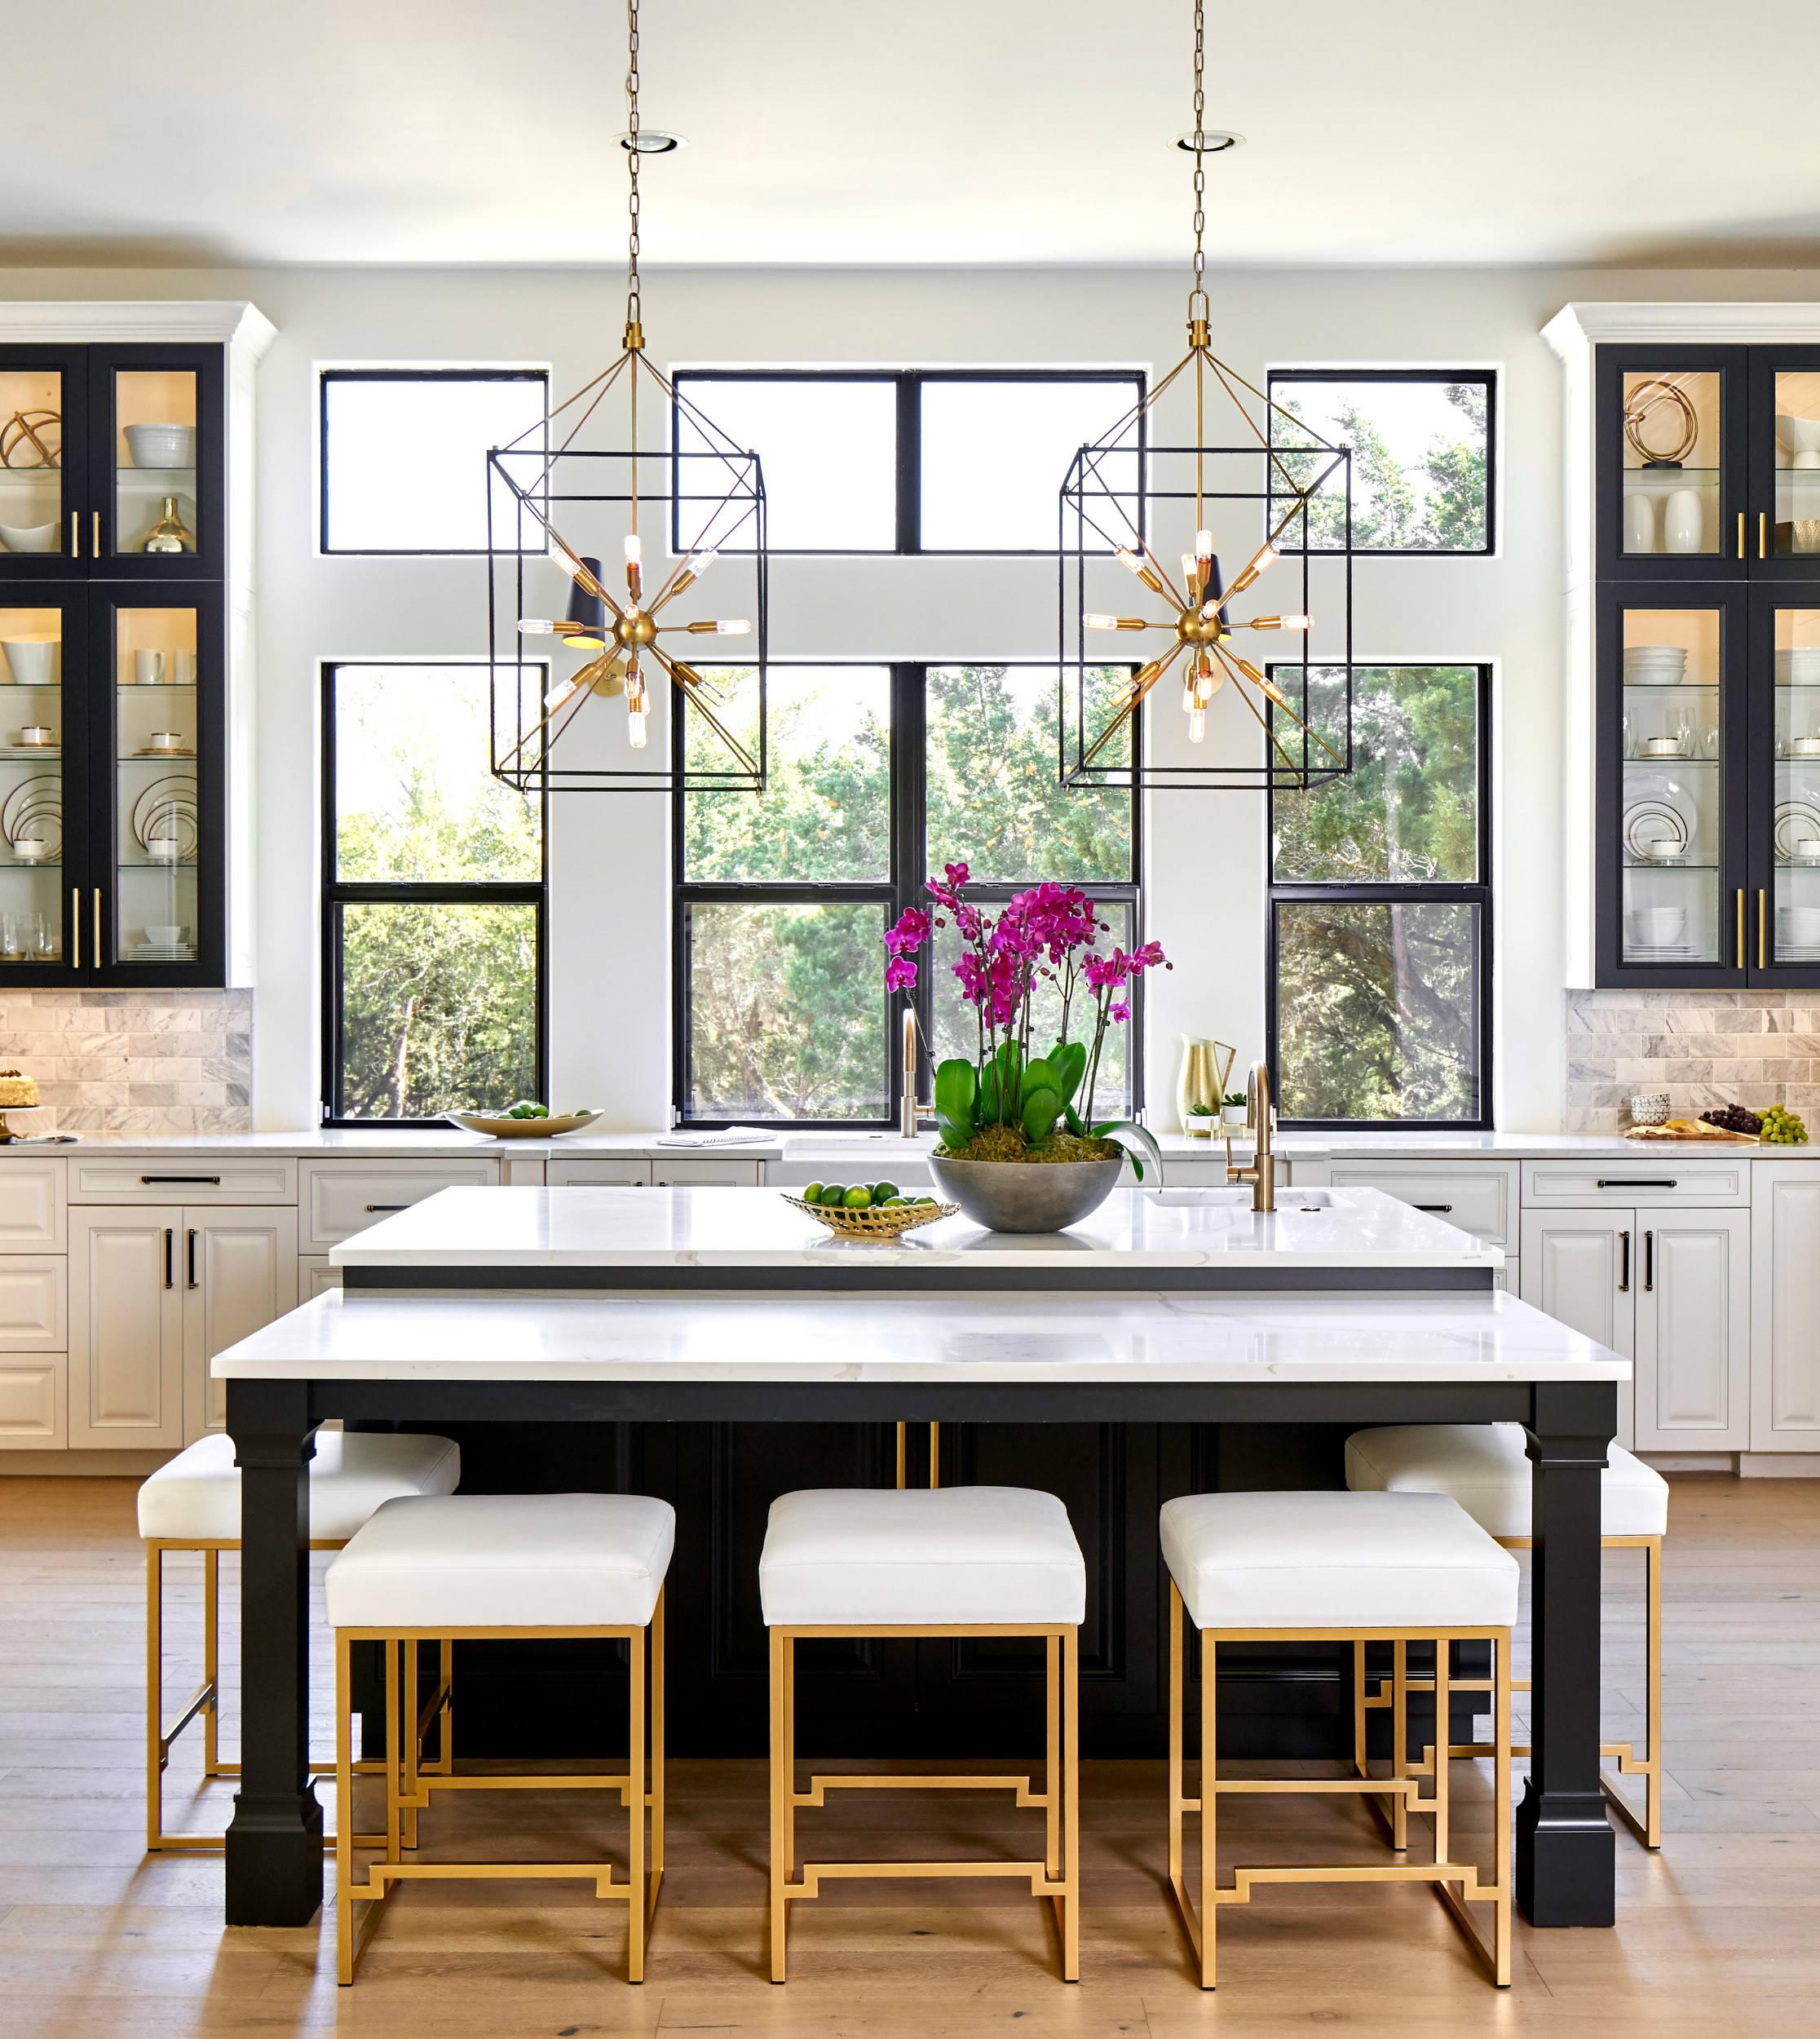 Phụ kiện trang trí cần thiết để tạo nên một phòng bếp quyến rũ - Ảnh 1.